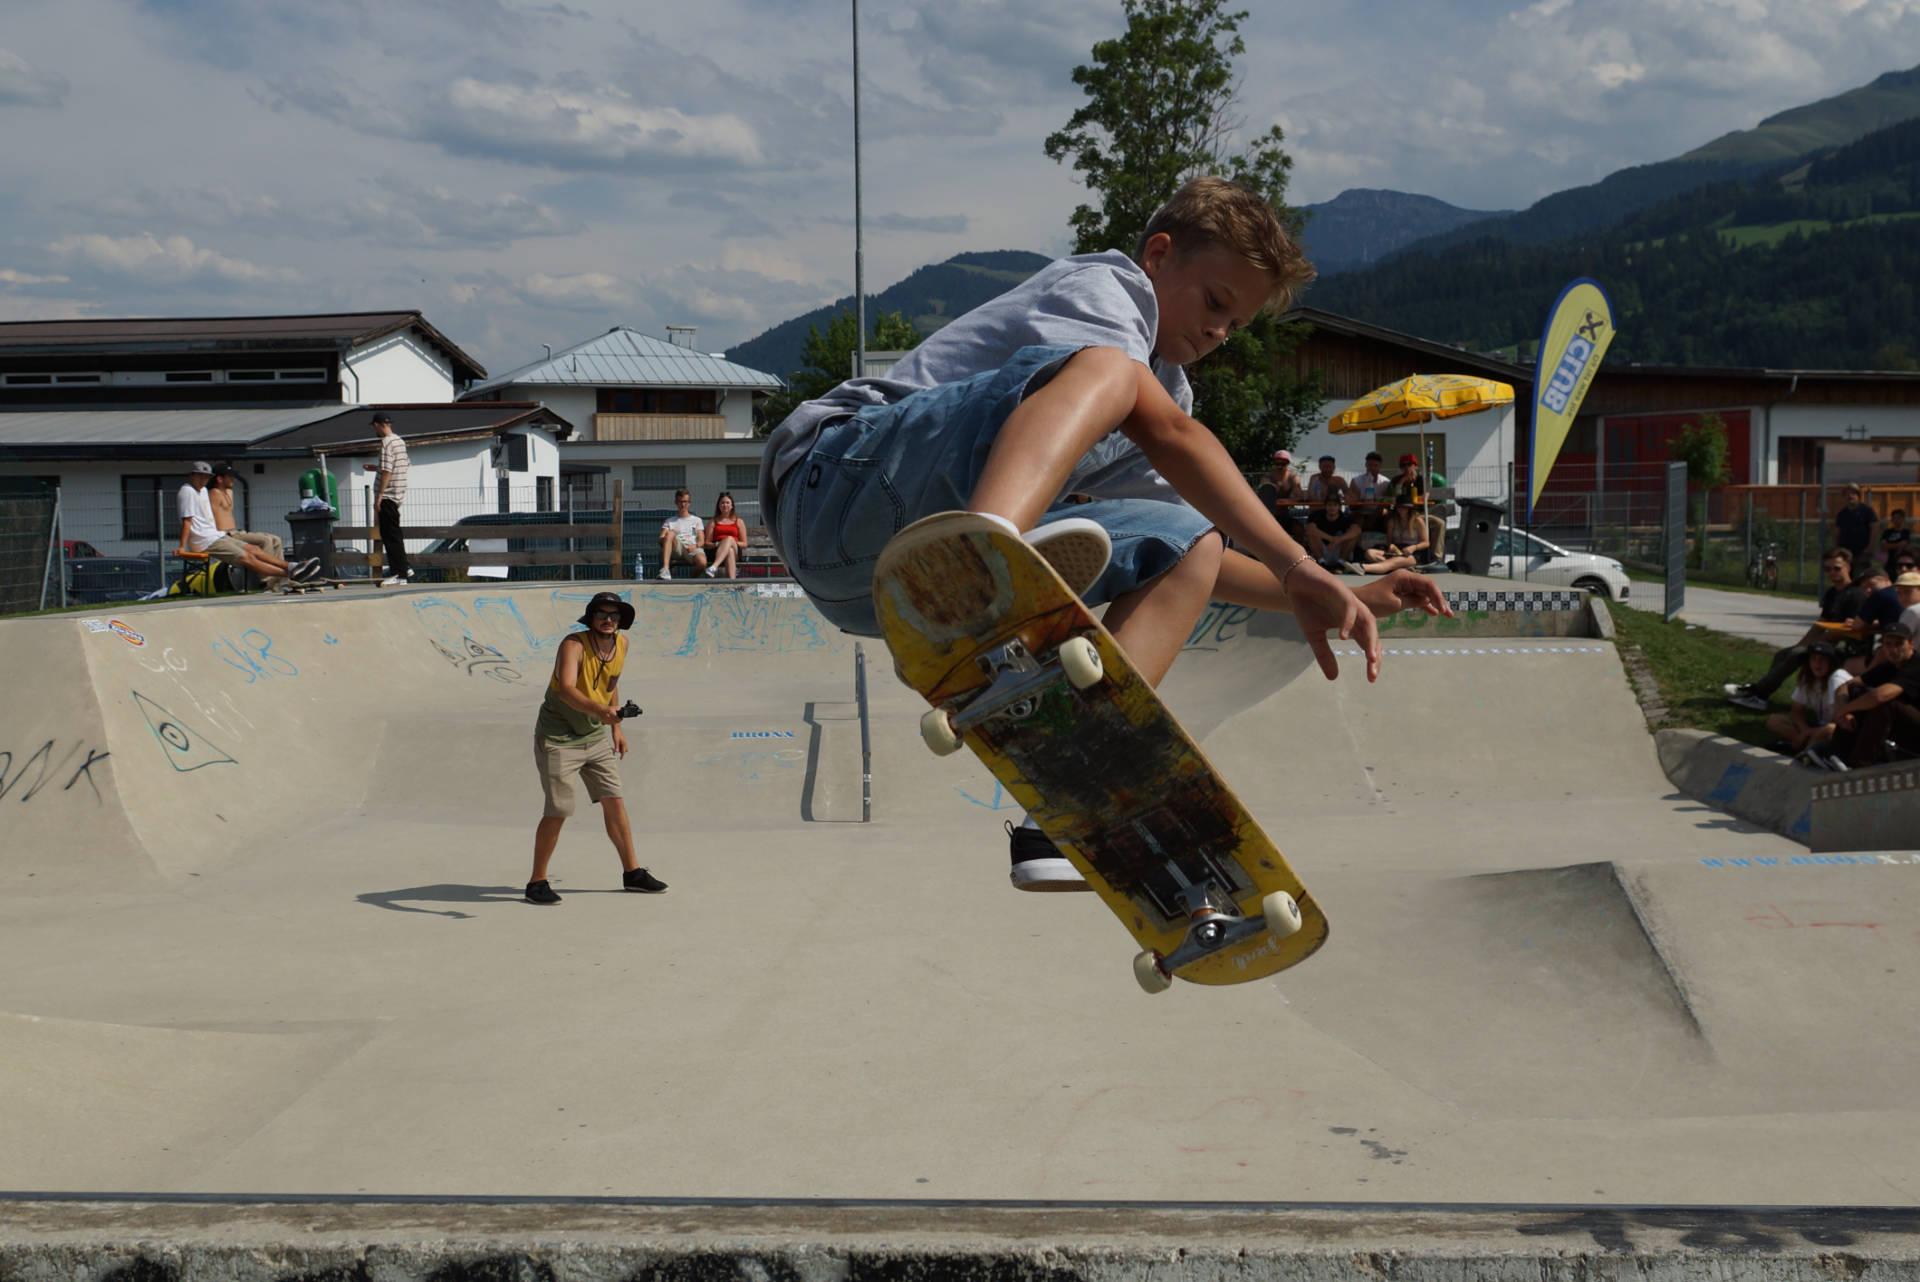 skateboardheadz st johann in tirol kgt 2019 finale 00054